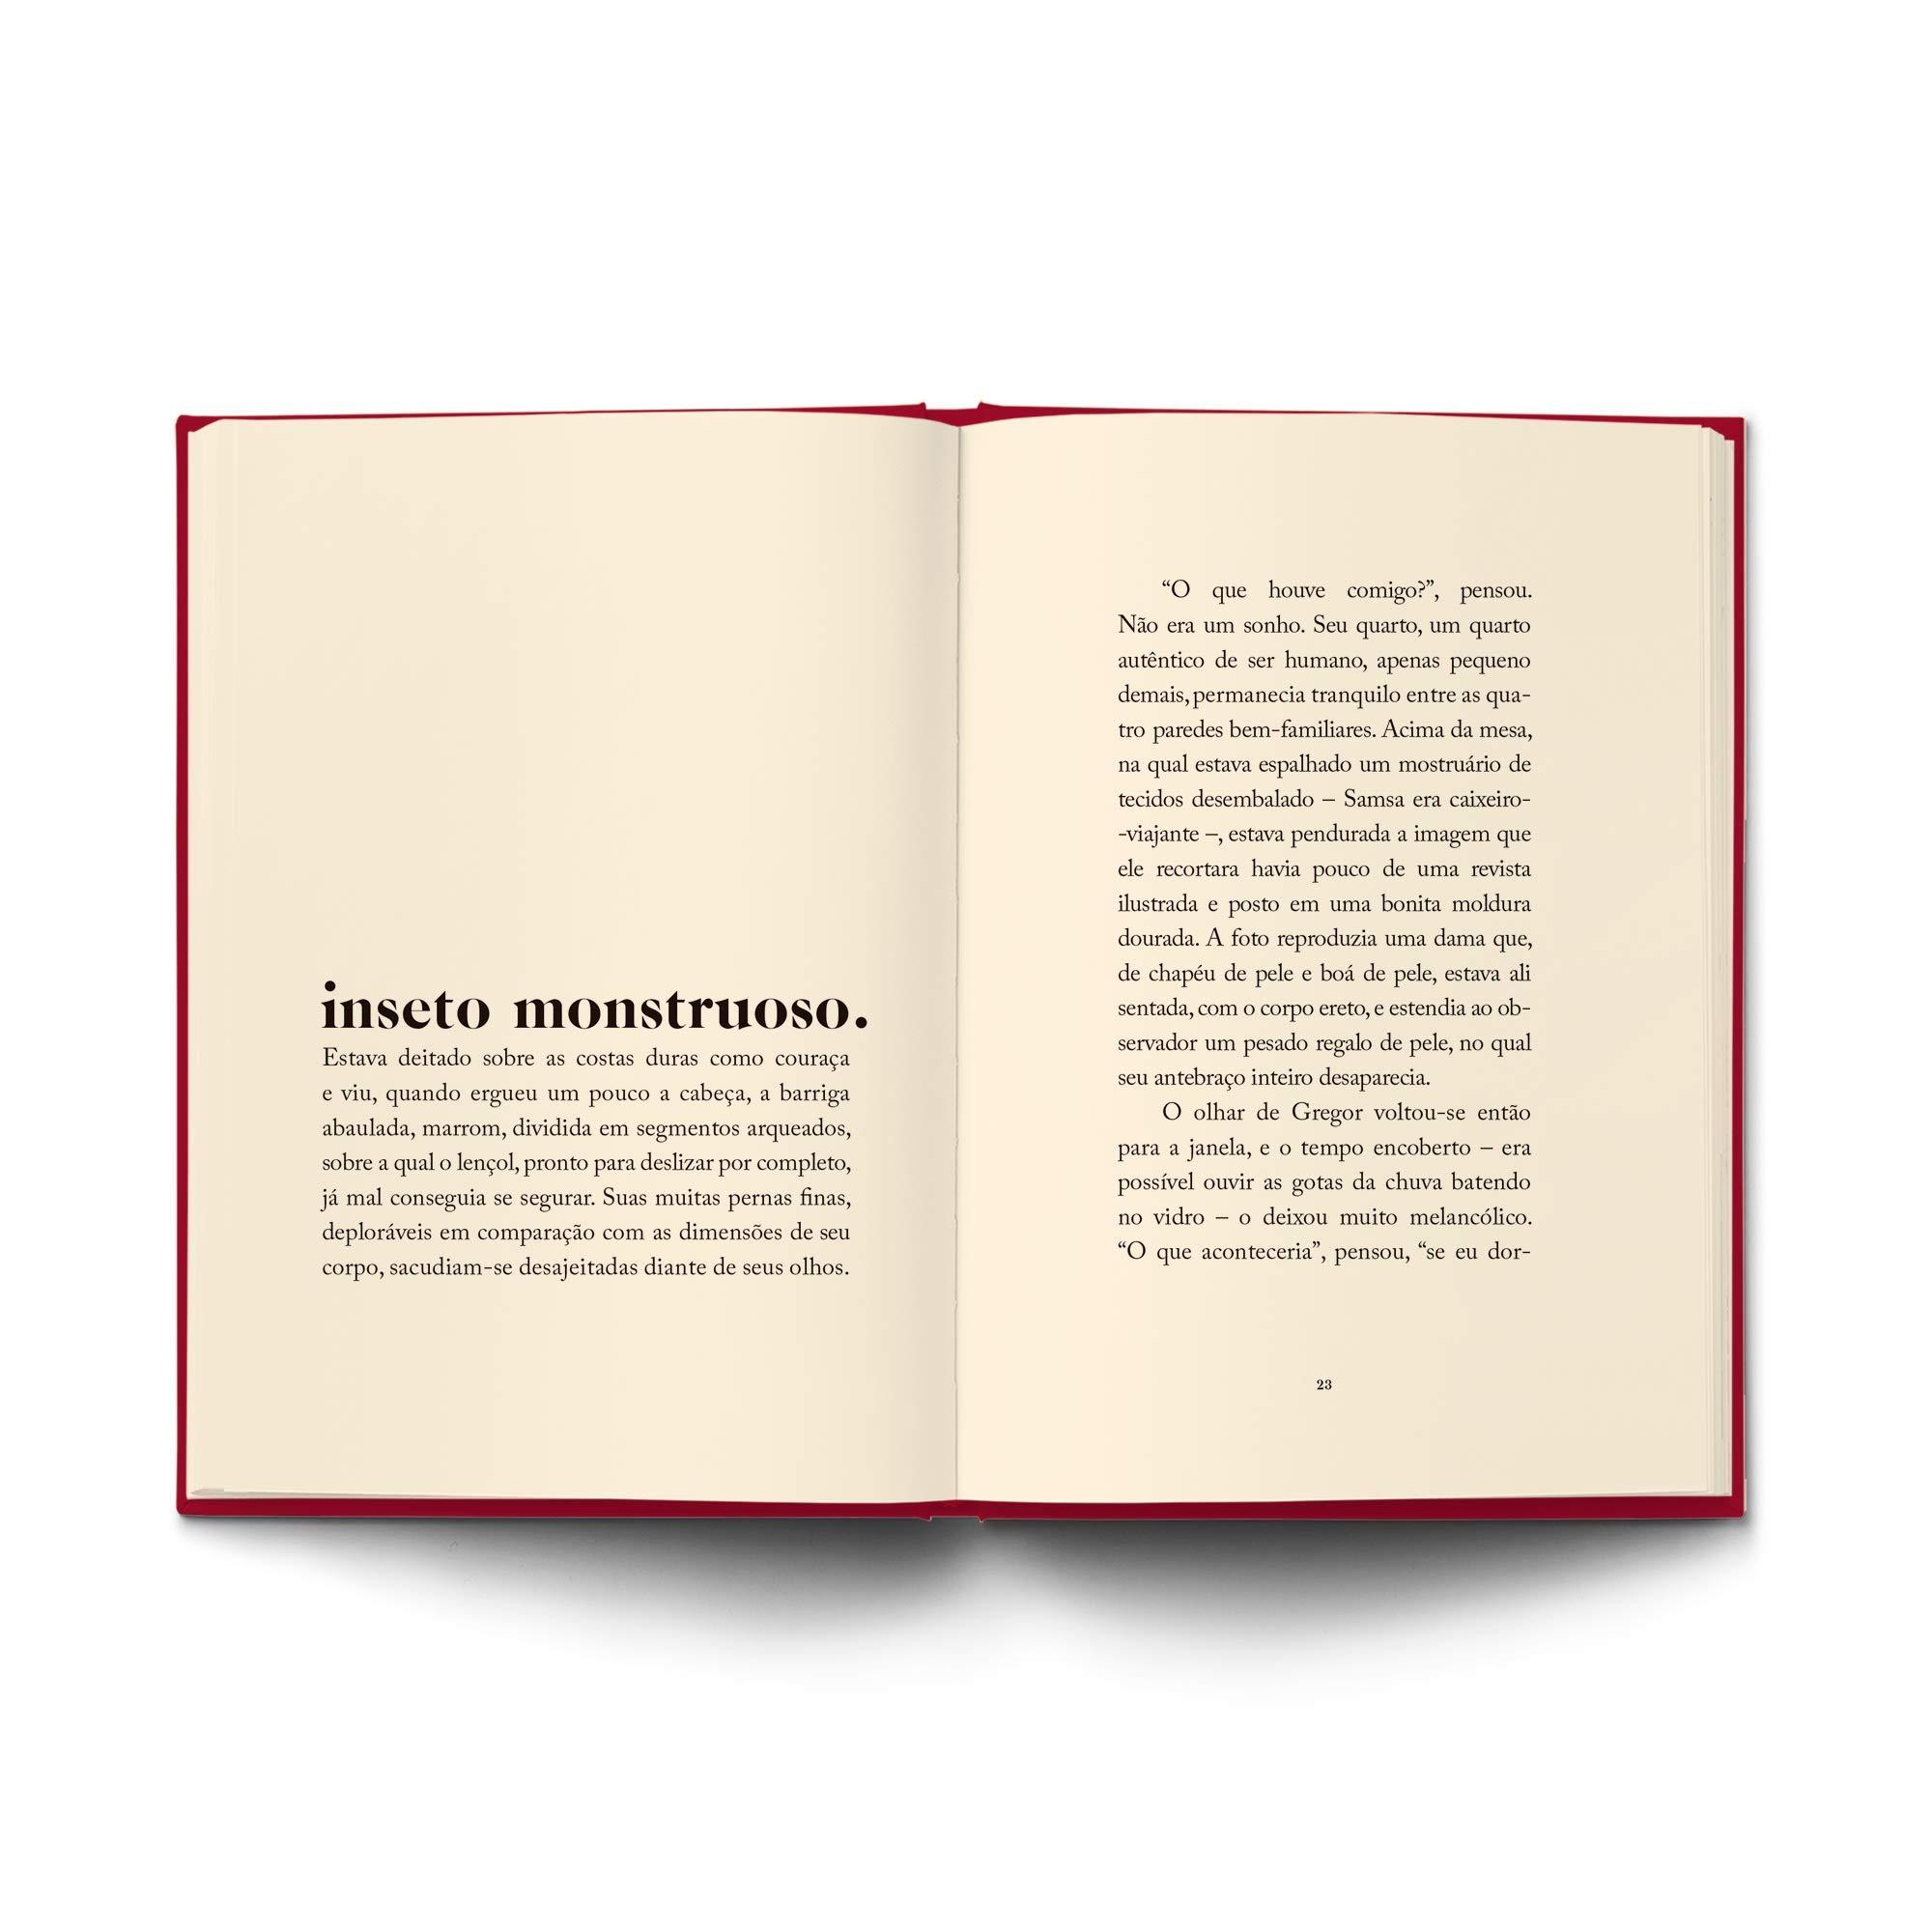 Leia online PDF de 'A Metamorfose - Edição Exclusiva